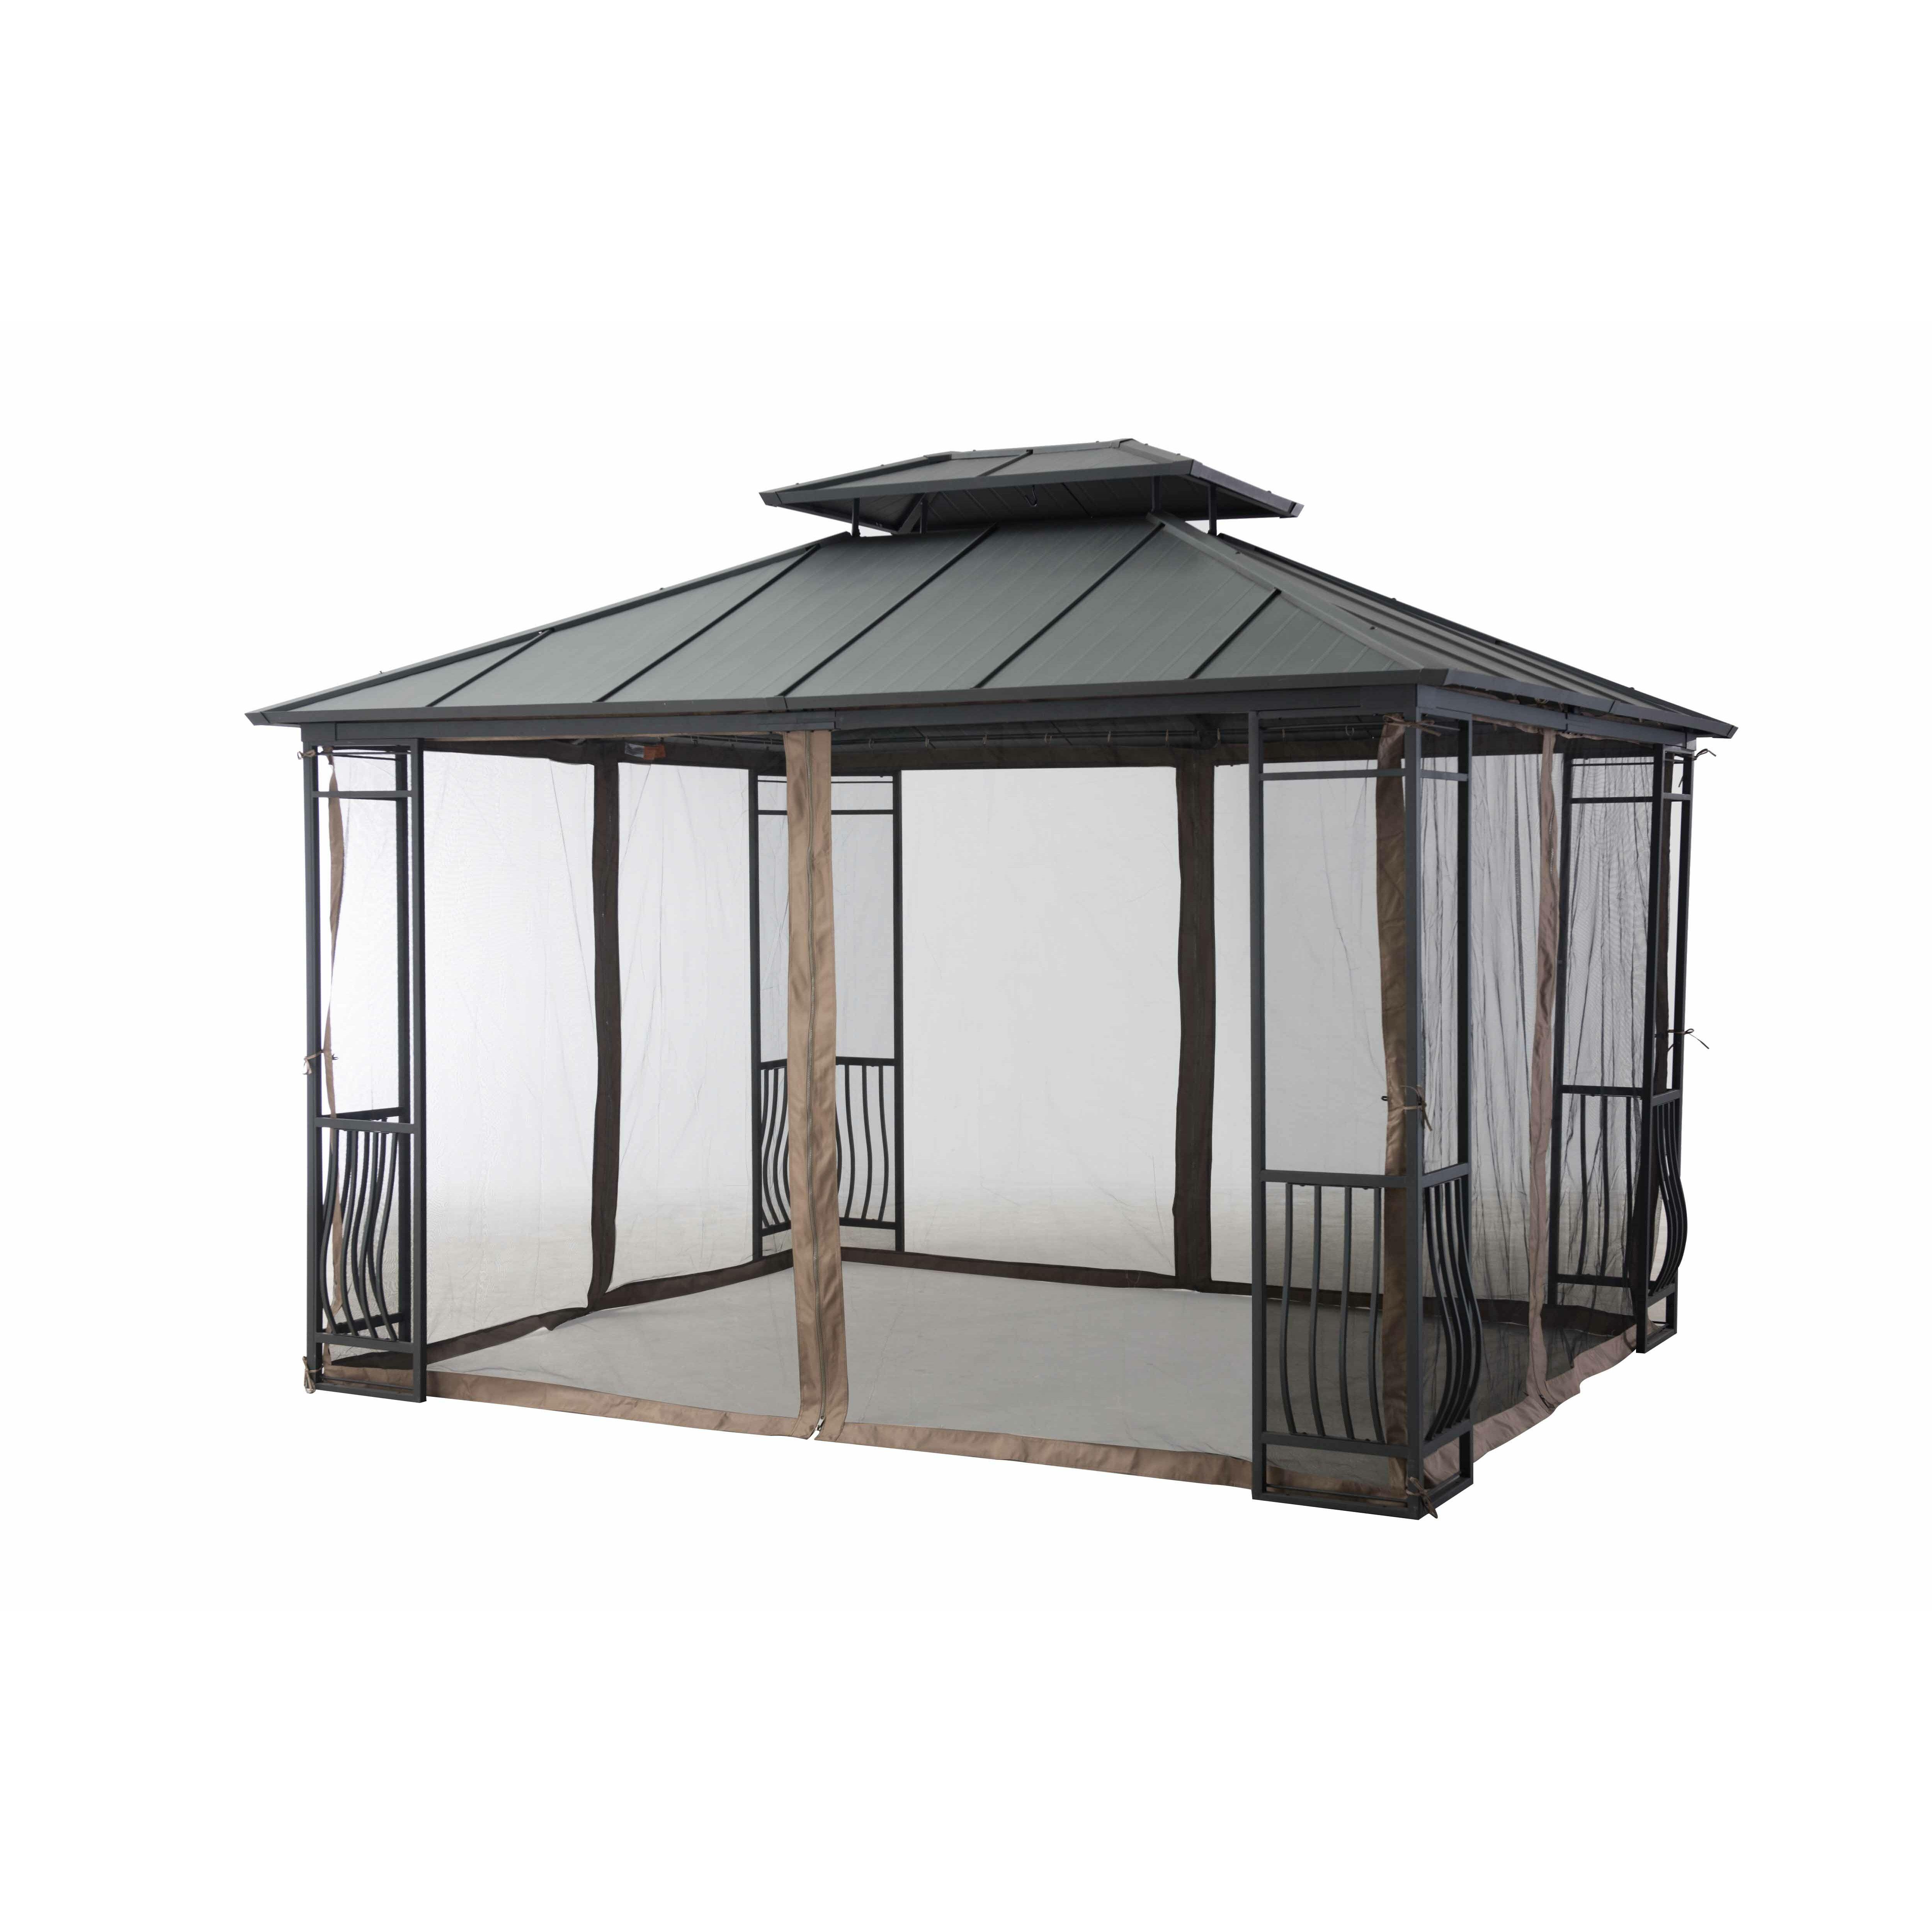 10 Ft 10 Ft Canopy : Sunjoy universal netting for ft gazebo